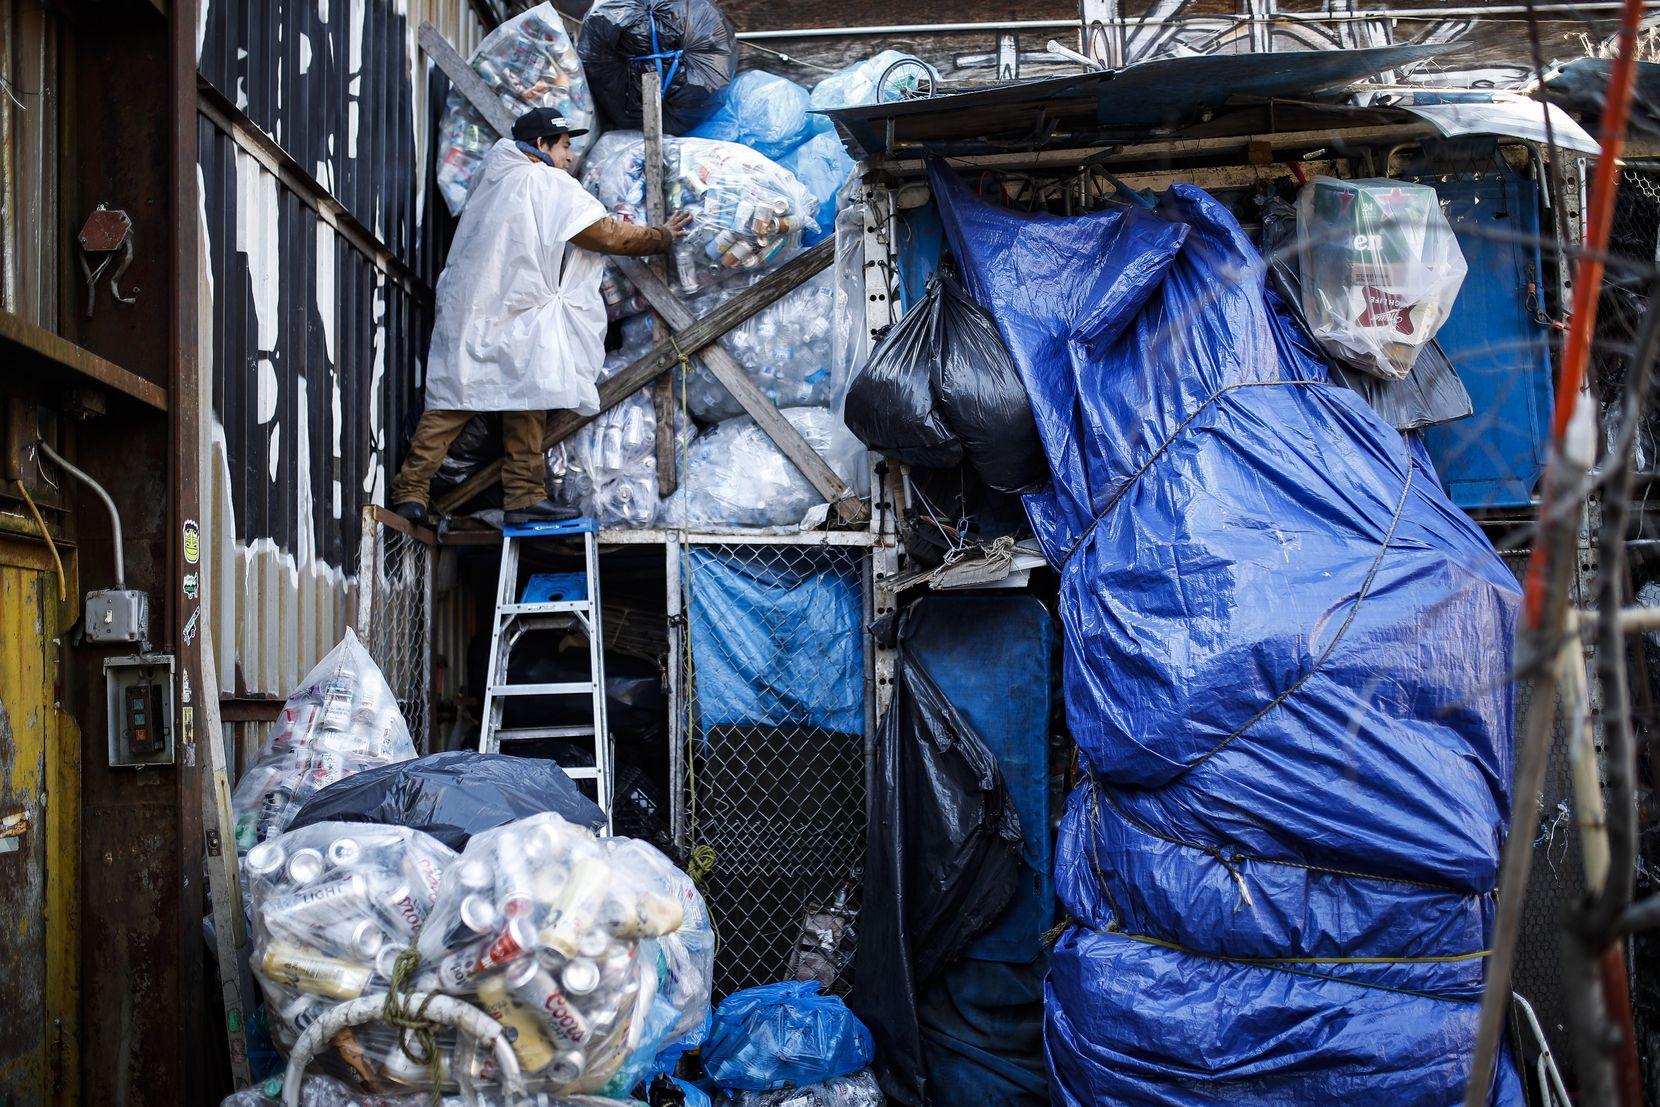 Pedro Galicia está junto a un área de almacenamiento de reciclables en Sure We Can, un centro de recepción sin ánimo de lucro el jueves 27 de febrero de 2020 en Nueva York. (AP Foto/John Minchillo)